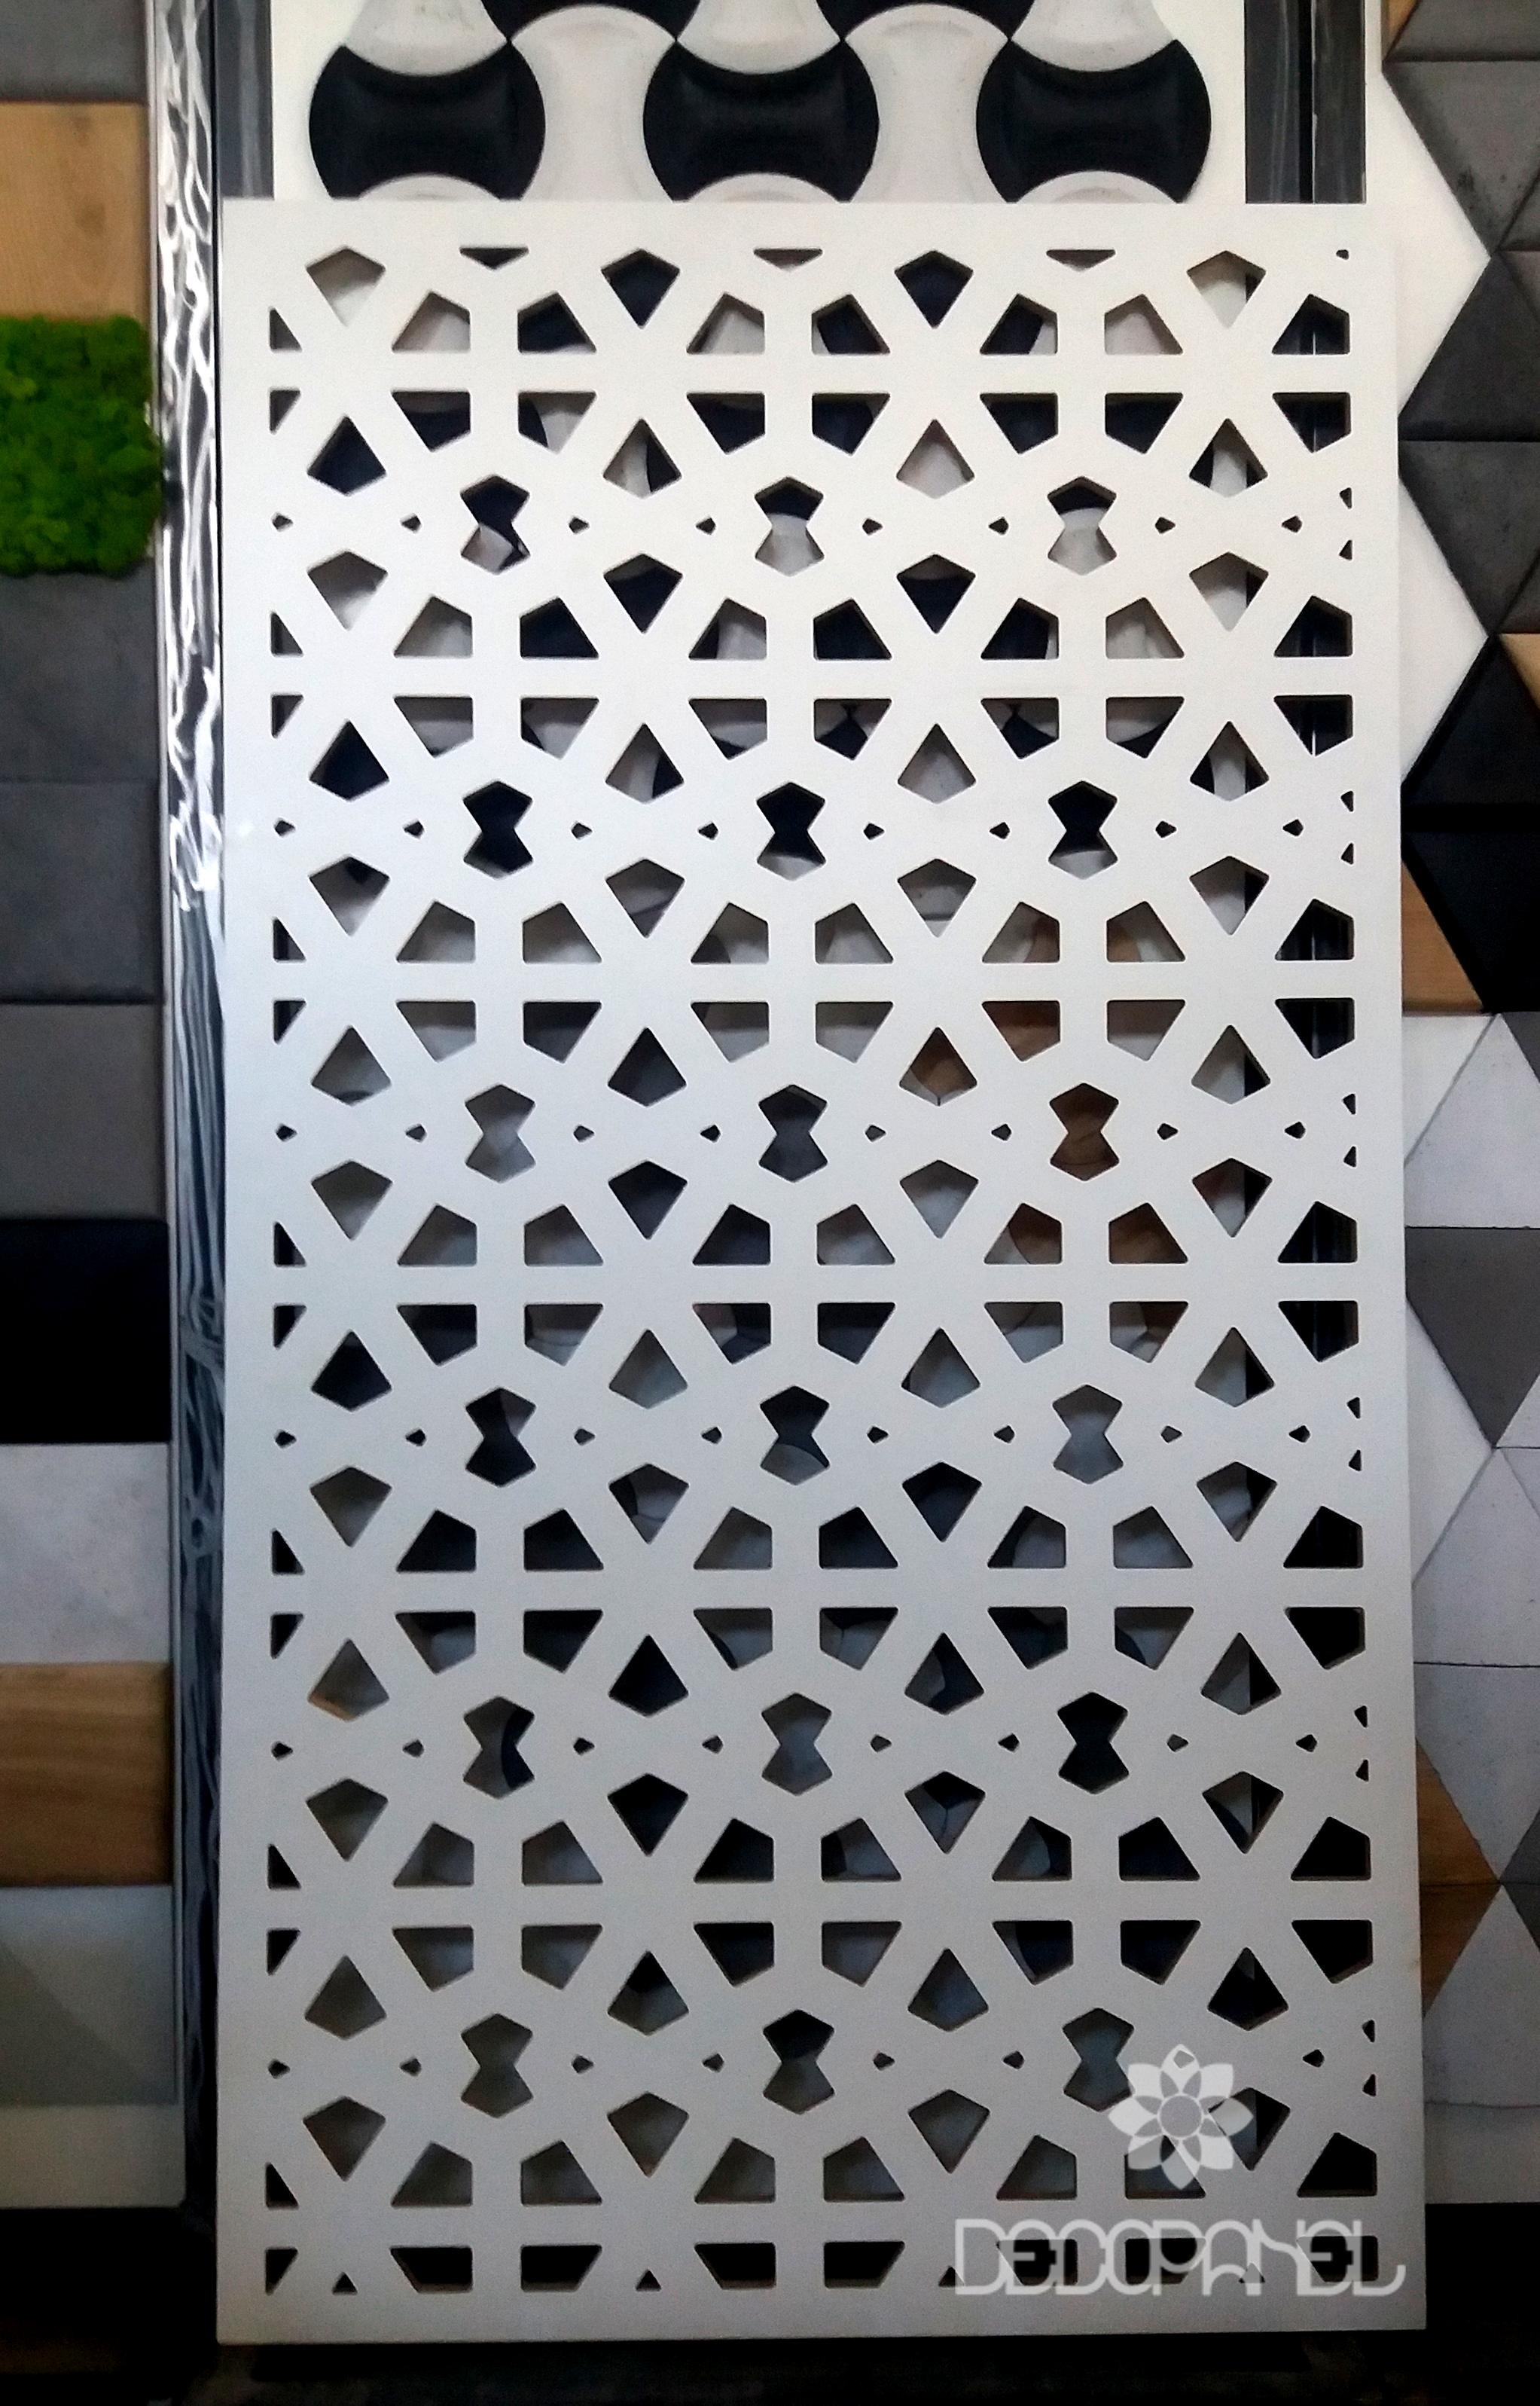 Dekoracyjny Panel Ażurowy Mdf Wzór Indywidualny Inspiracja